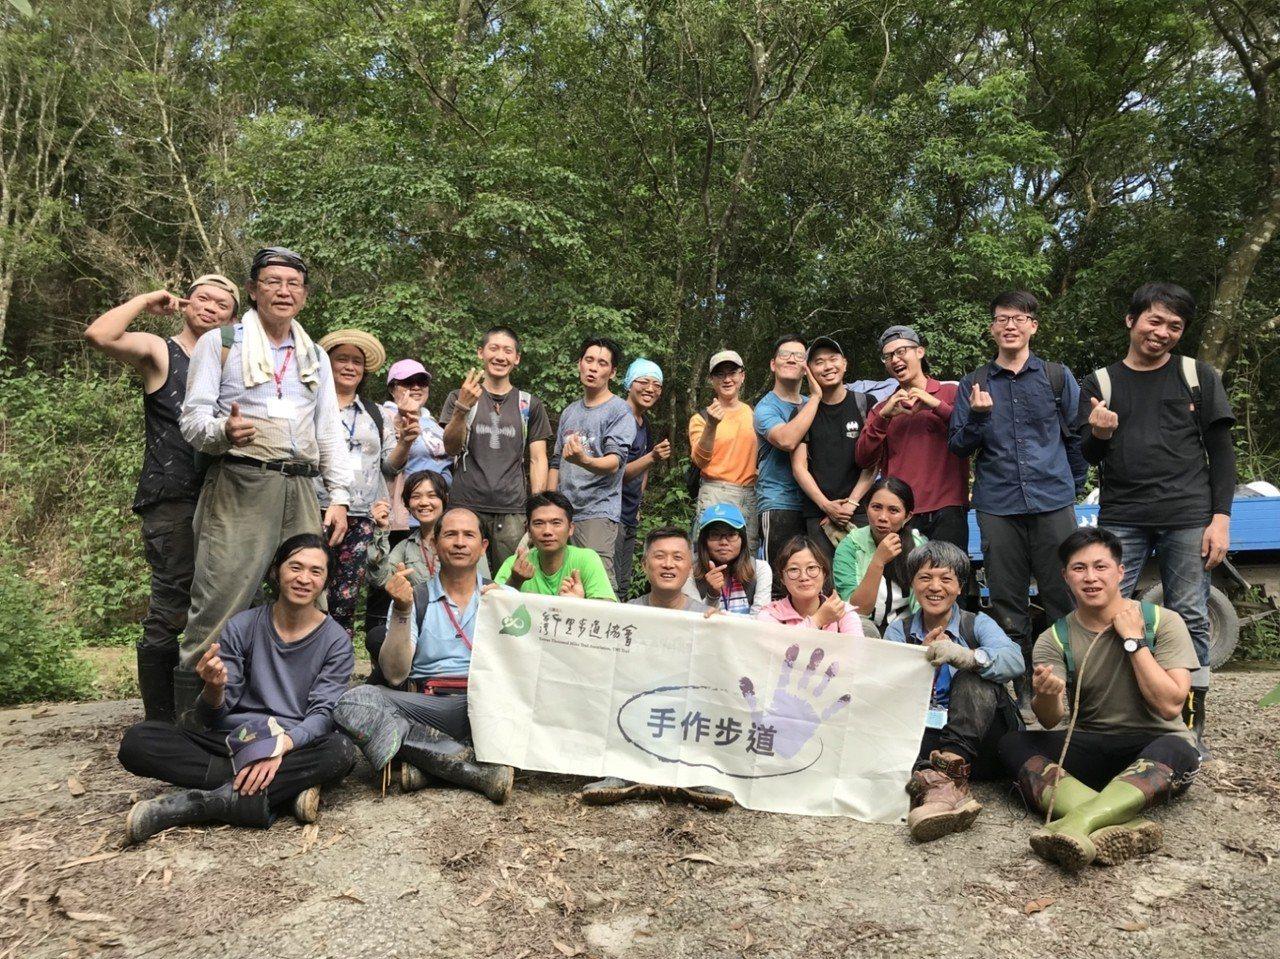 手作步道培訓邀請地方社區共同參與。圖/嘉義林管處提供